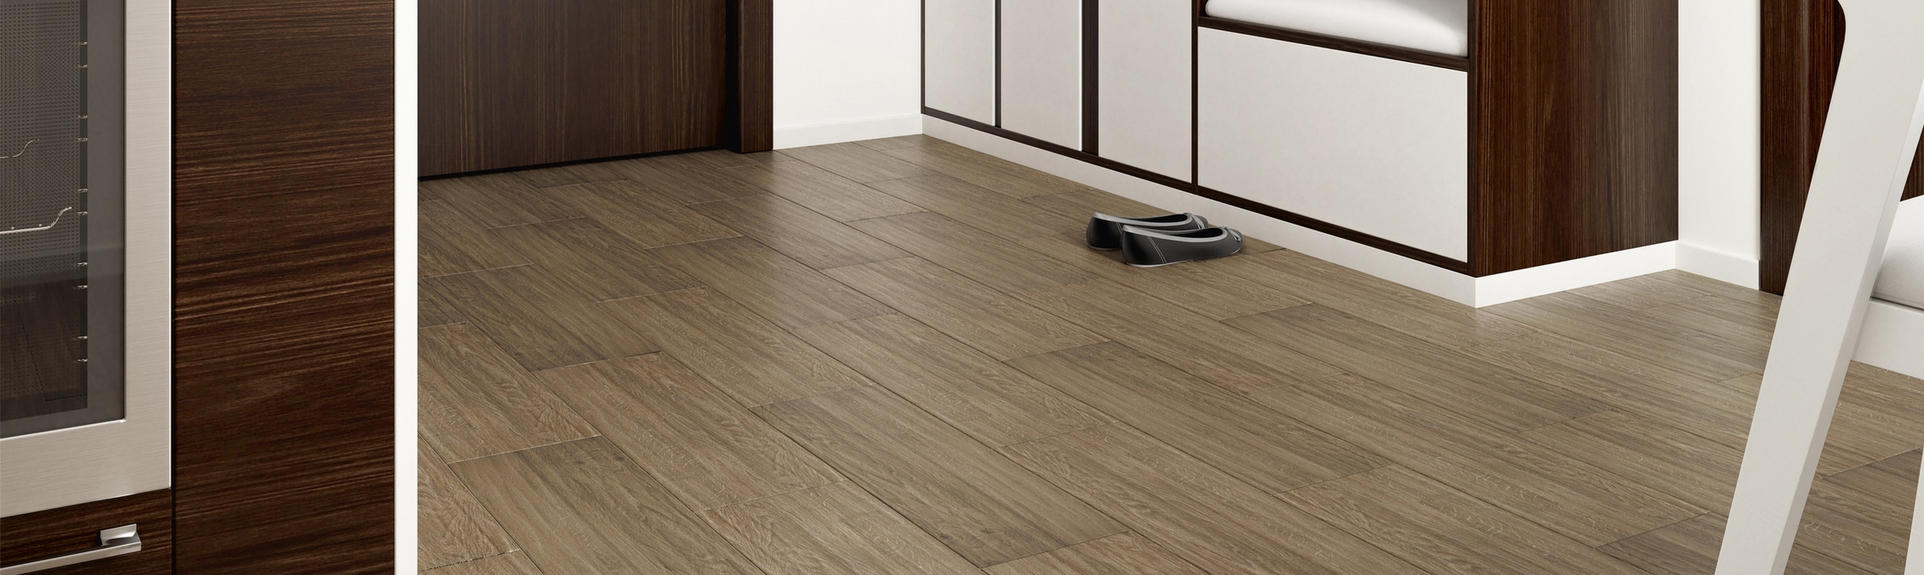 Wood Basic - Łazienka, Salon, Przedpokój